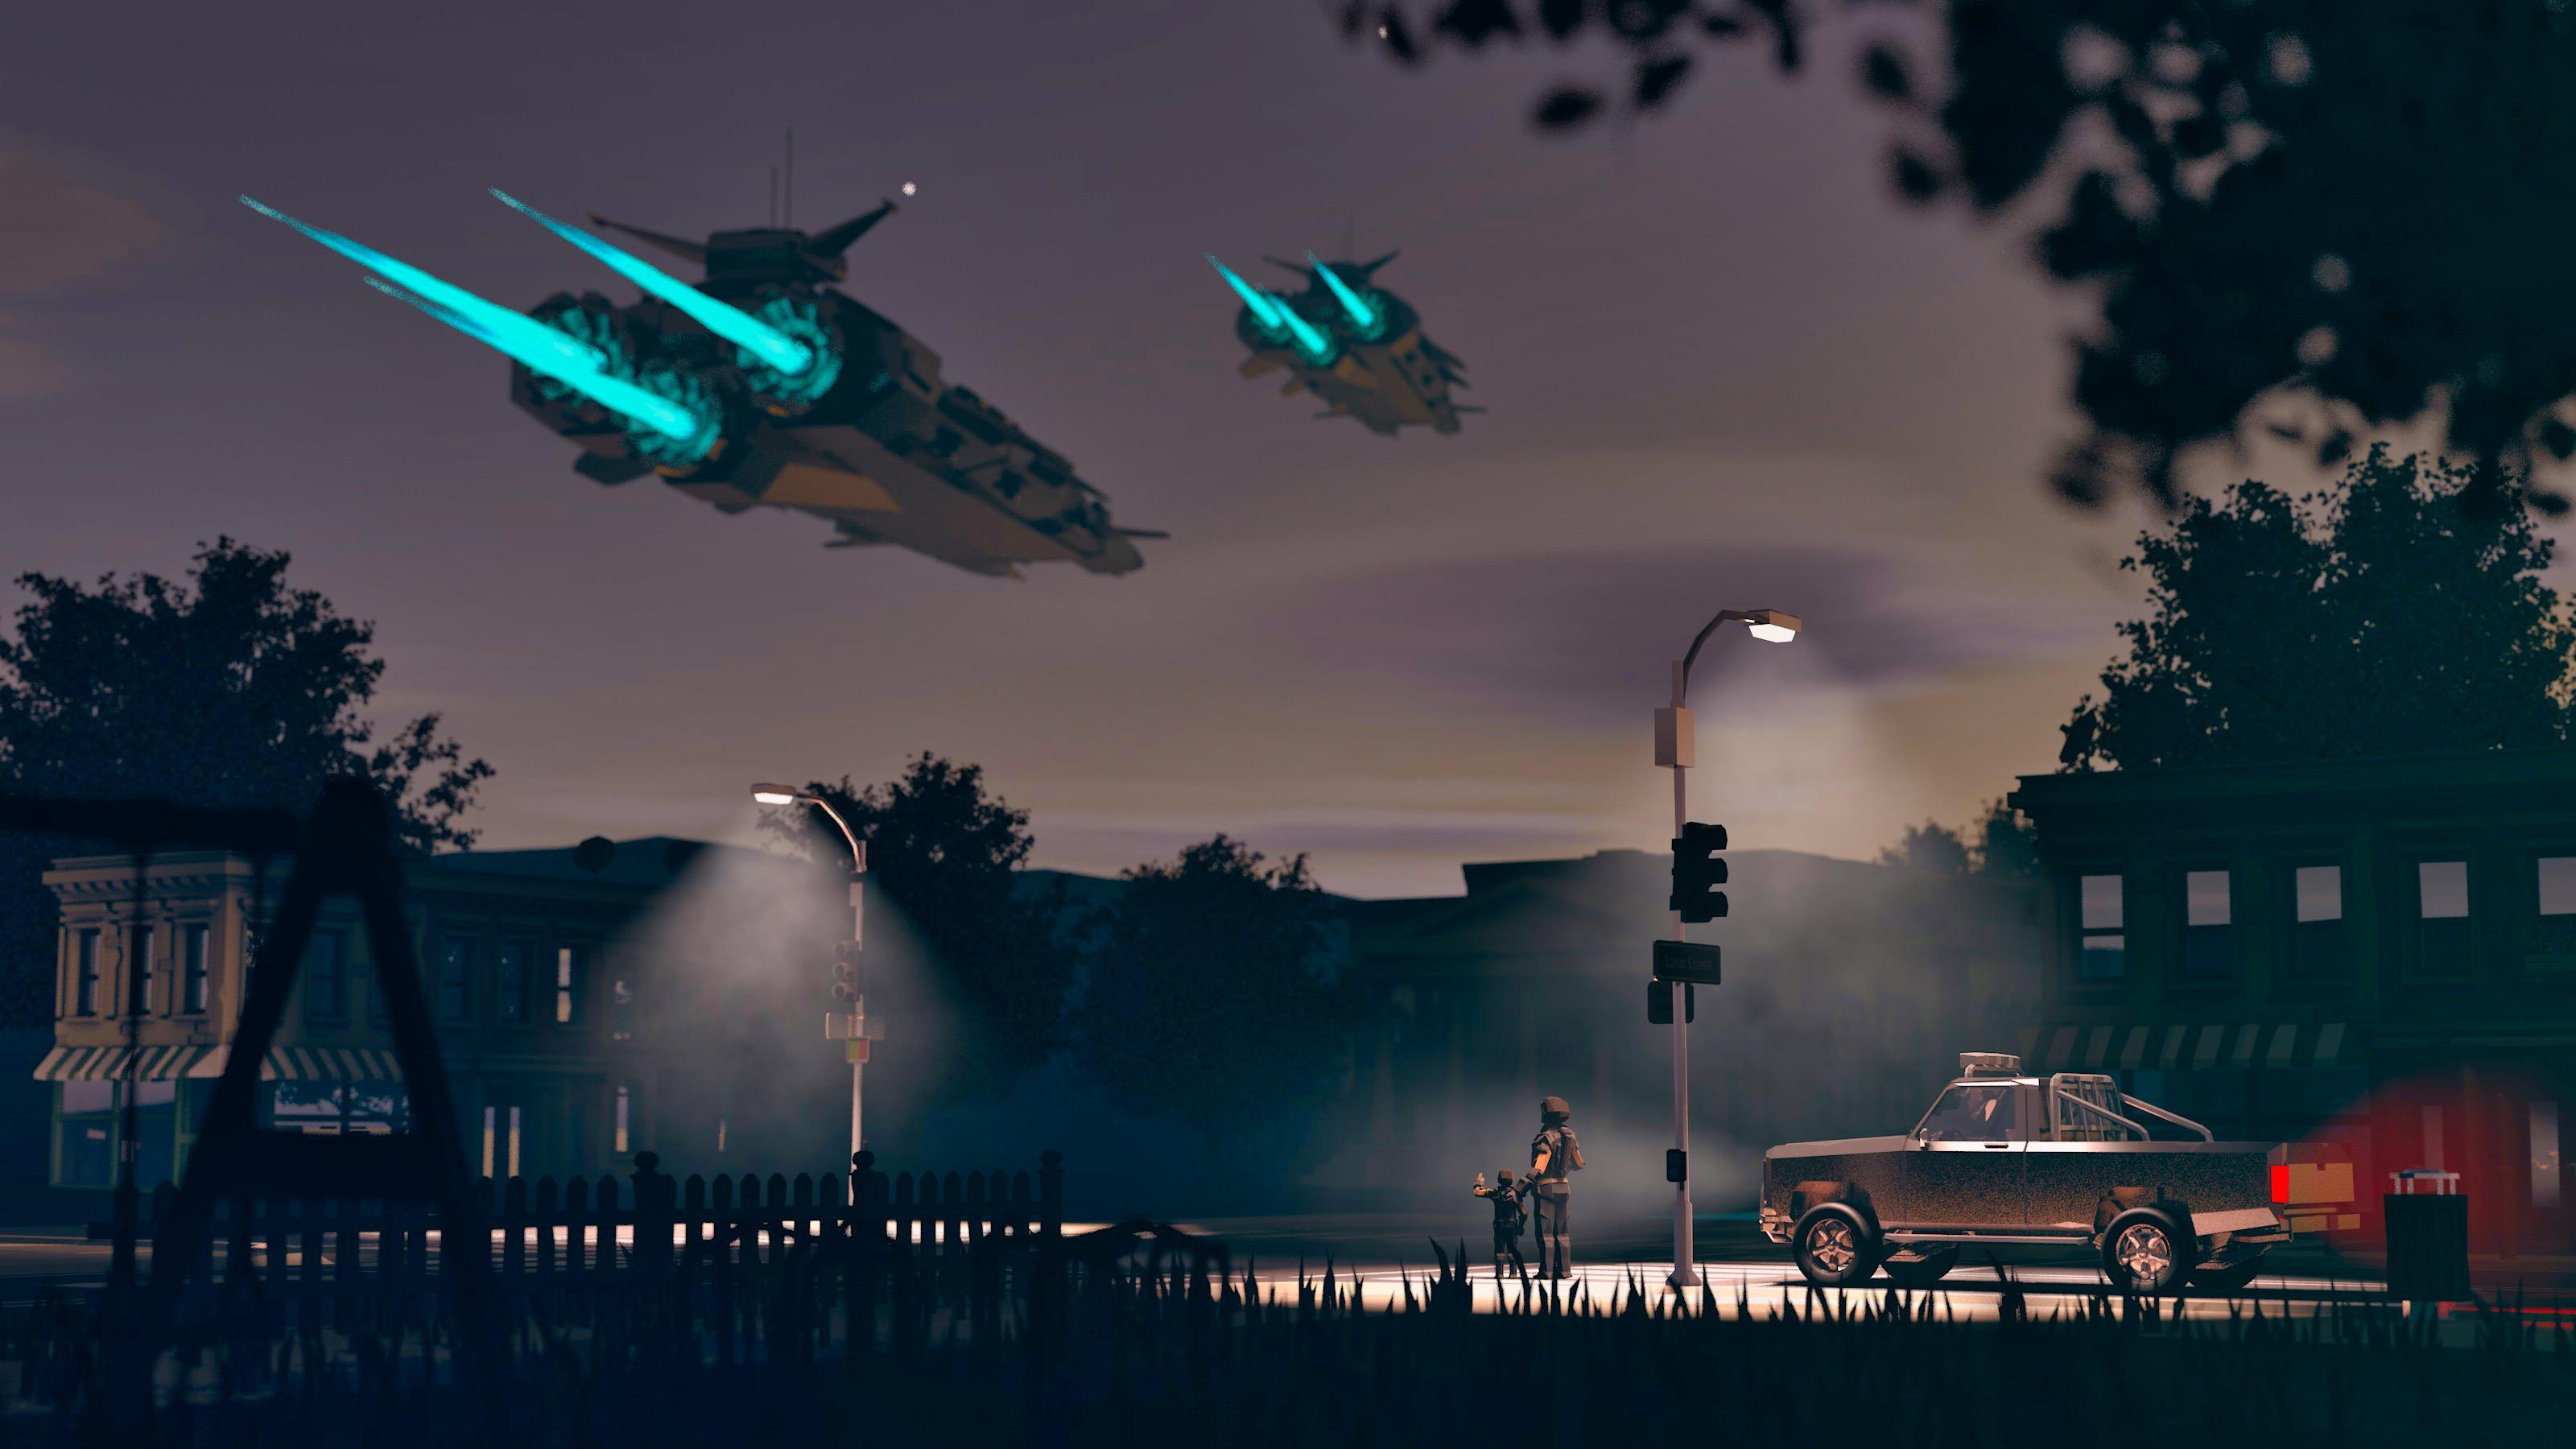 Sci fi suburbs full